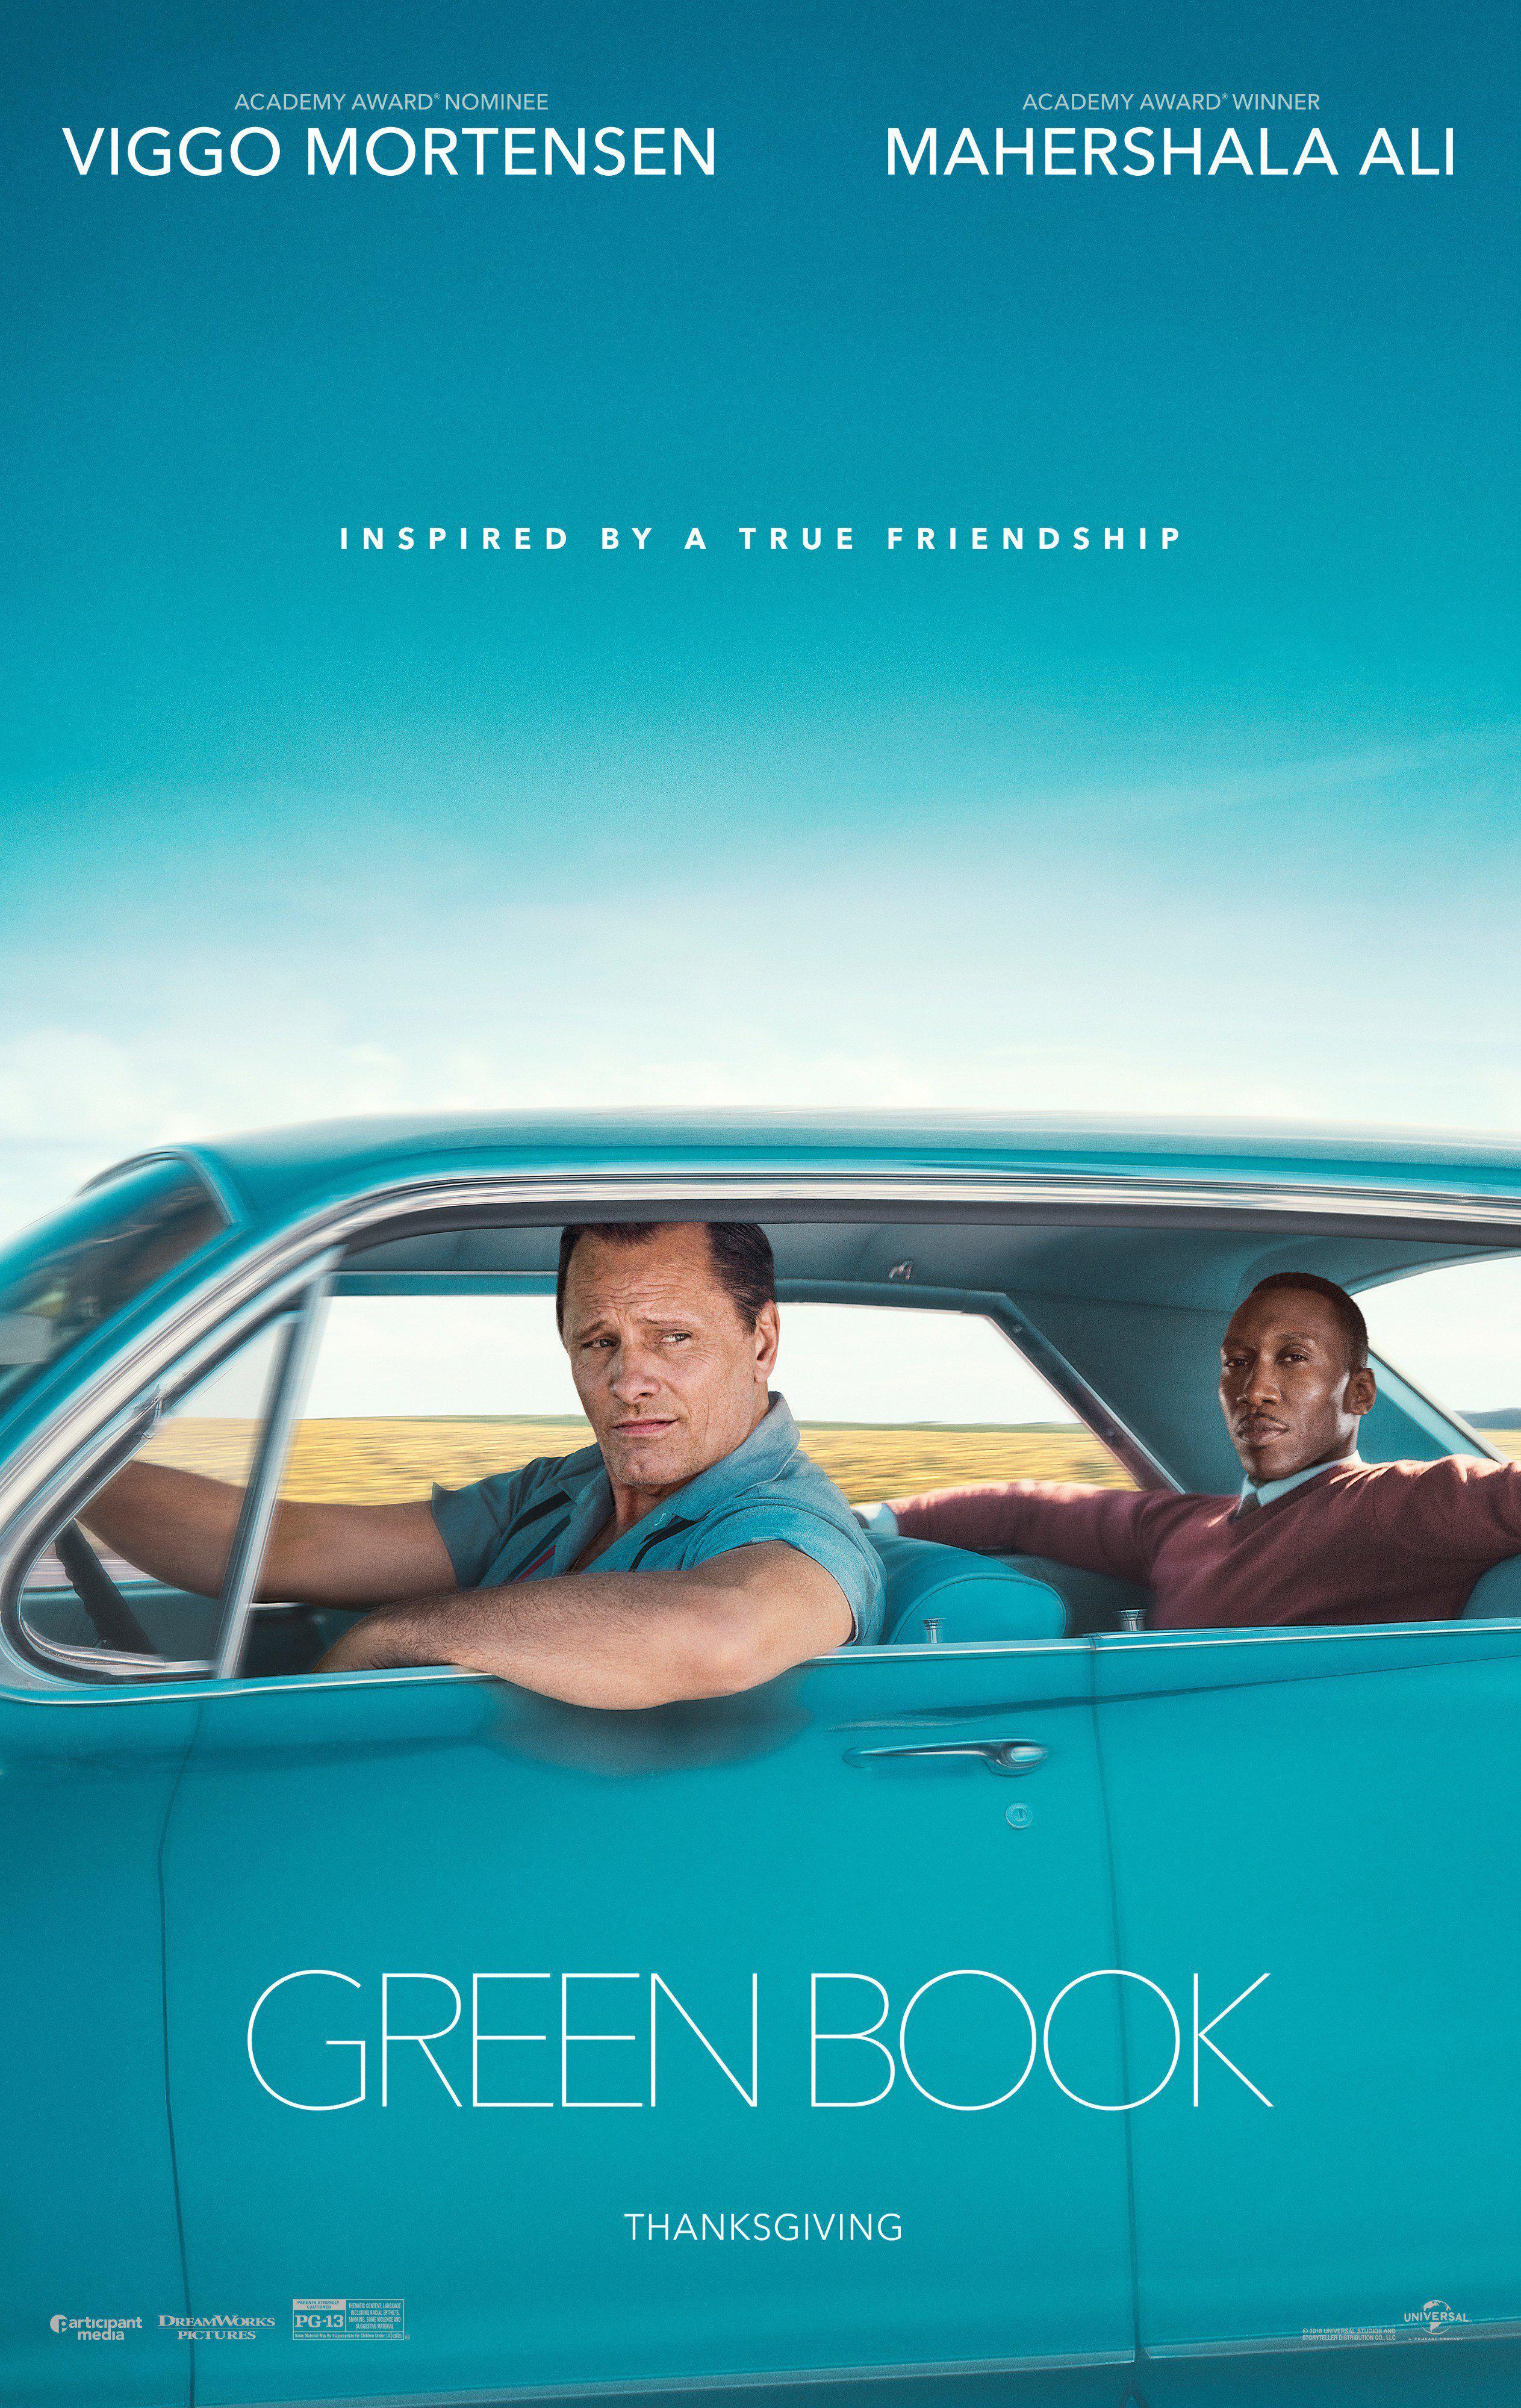 ¿Cual es la última película que viste? - Página 7 Dec018_b06_prologue